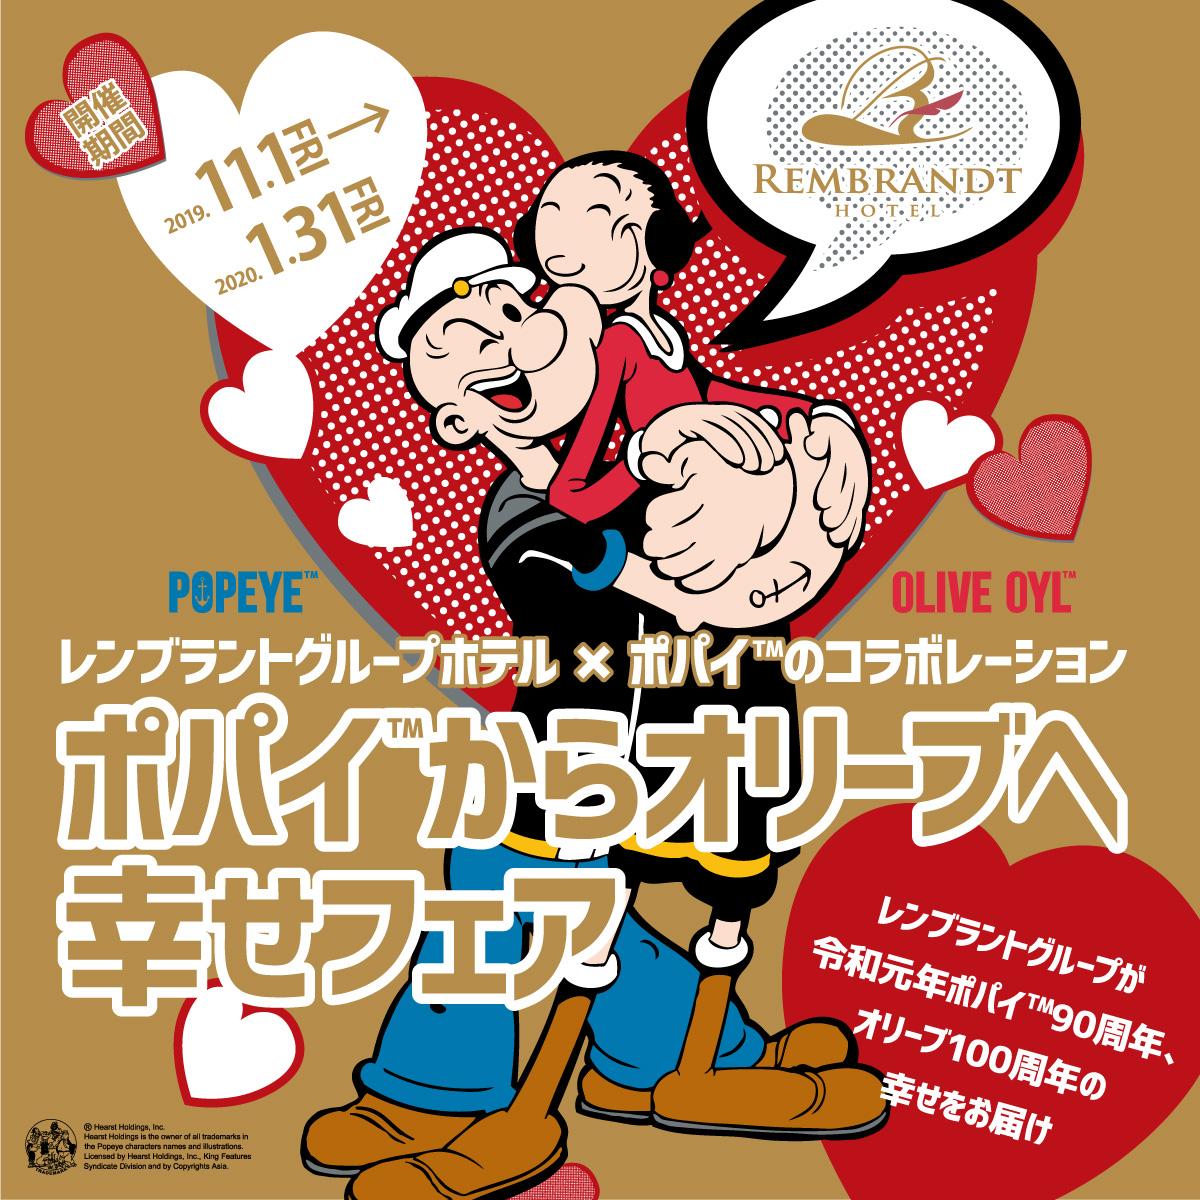 【フォーリーフガーデン】<br />レンブラントグループXポパイコラボ 「ポパイ&オリーブ しあわせのグルメフェア」開催!